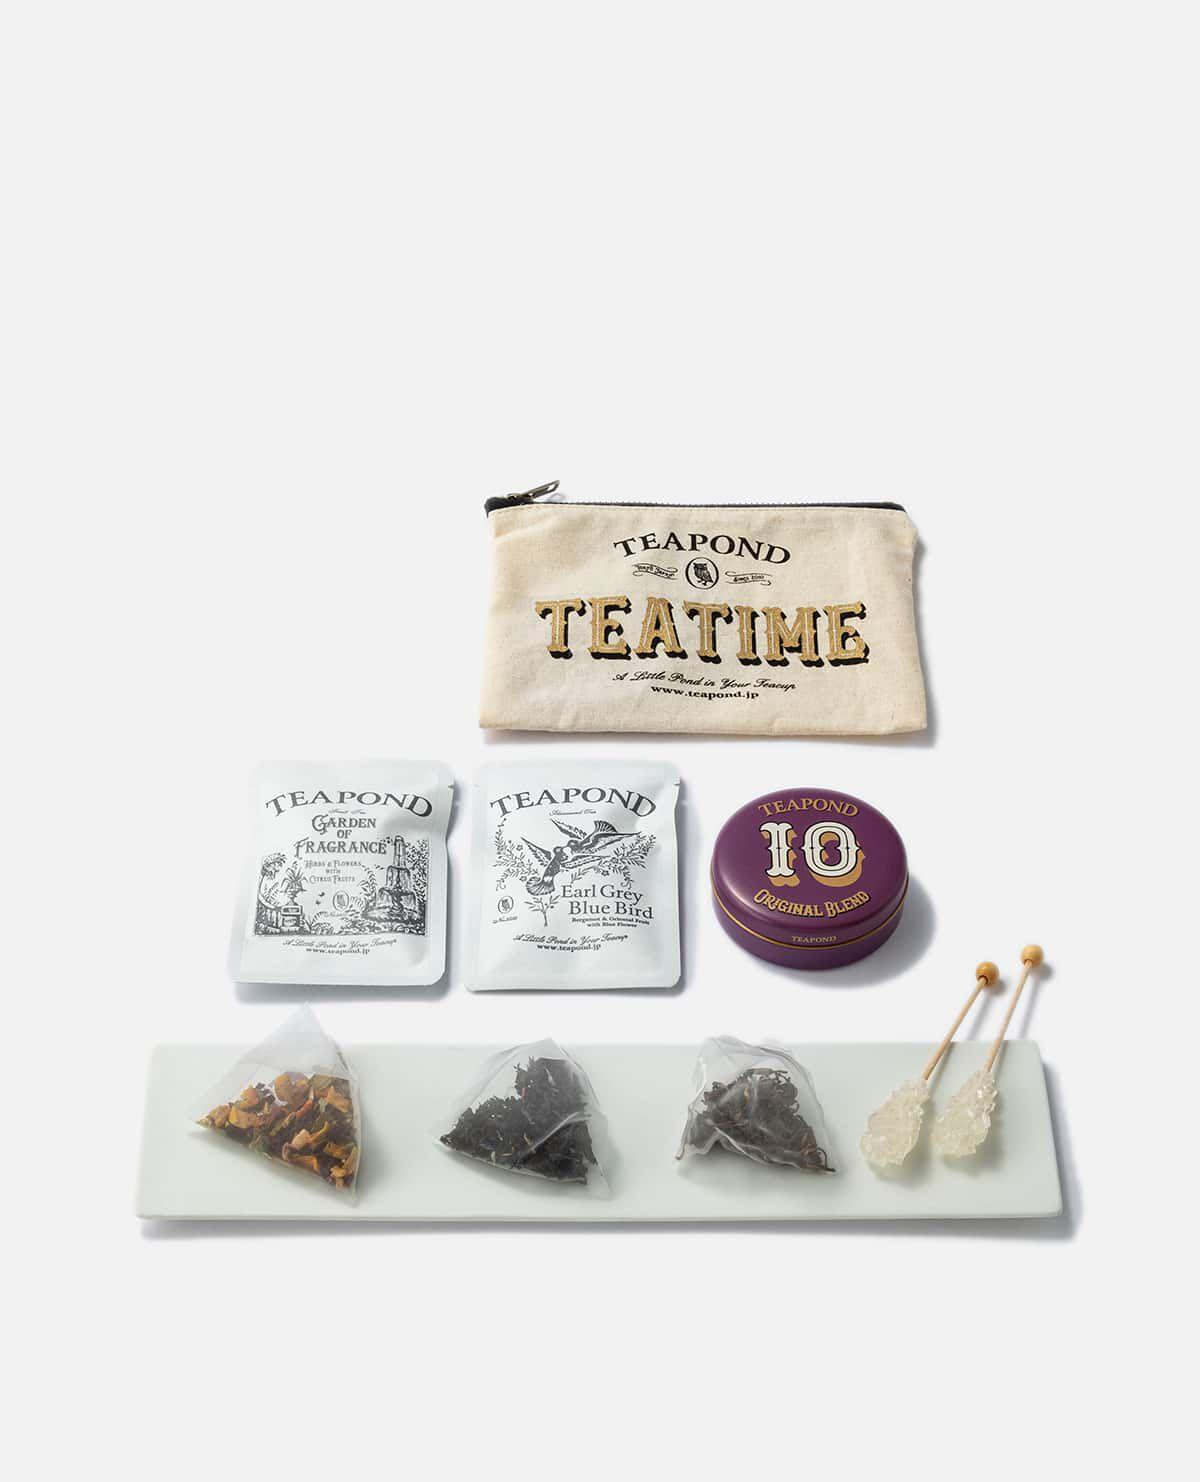 ポーチ入りティータイムセット(TEAPOND紅茶)